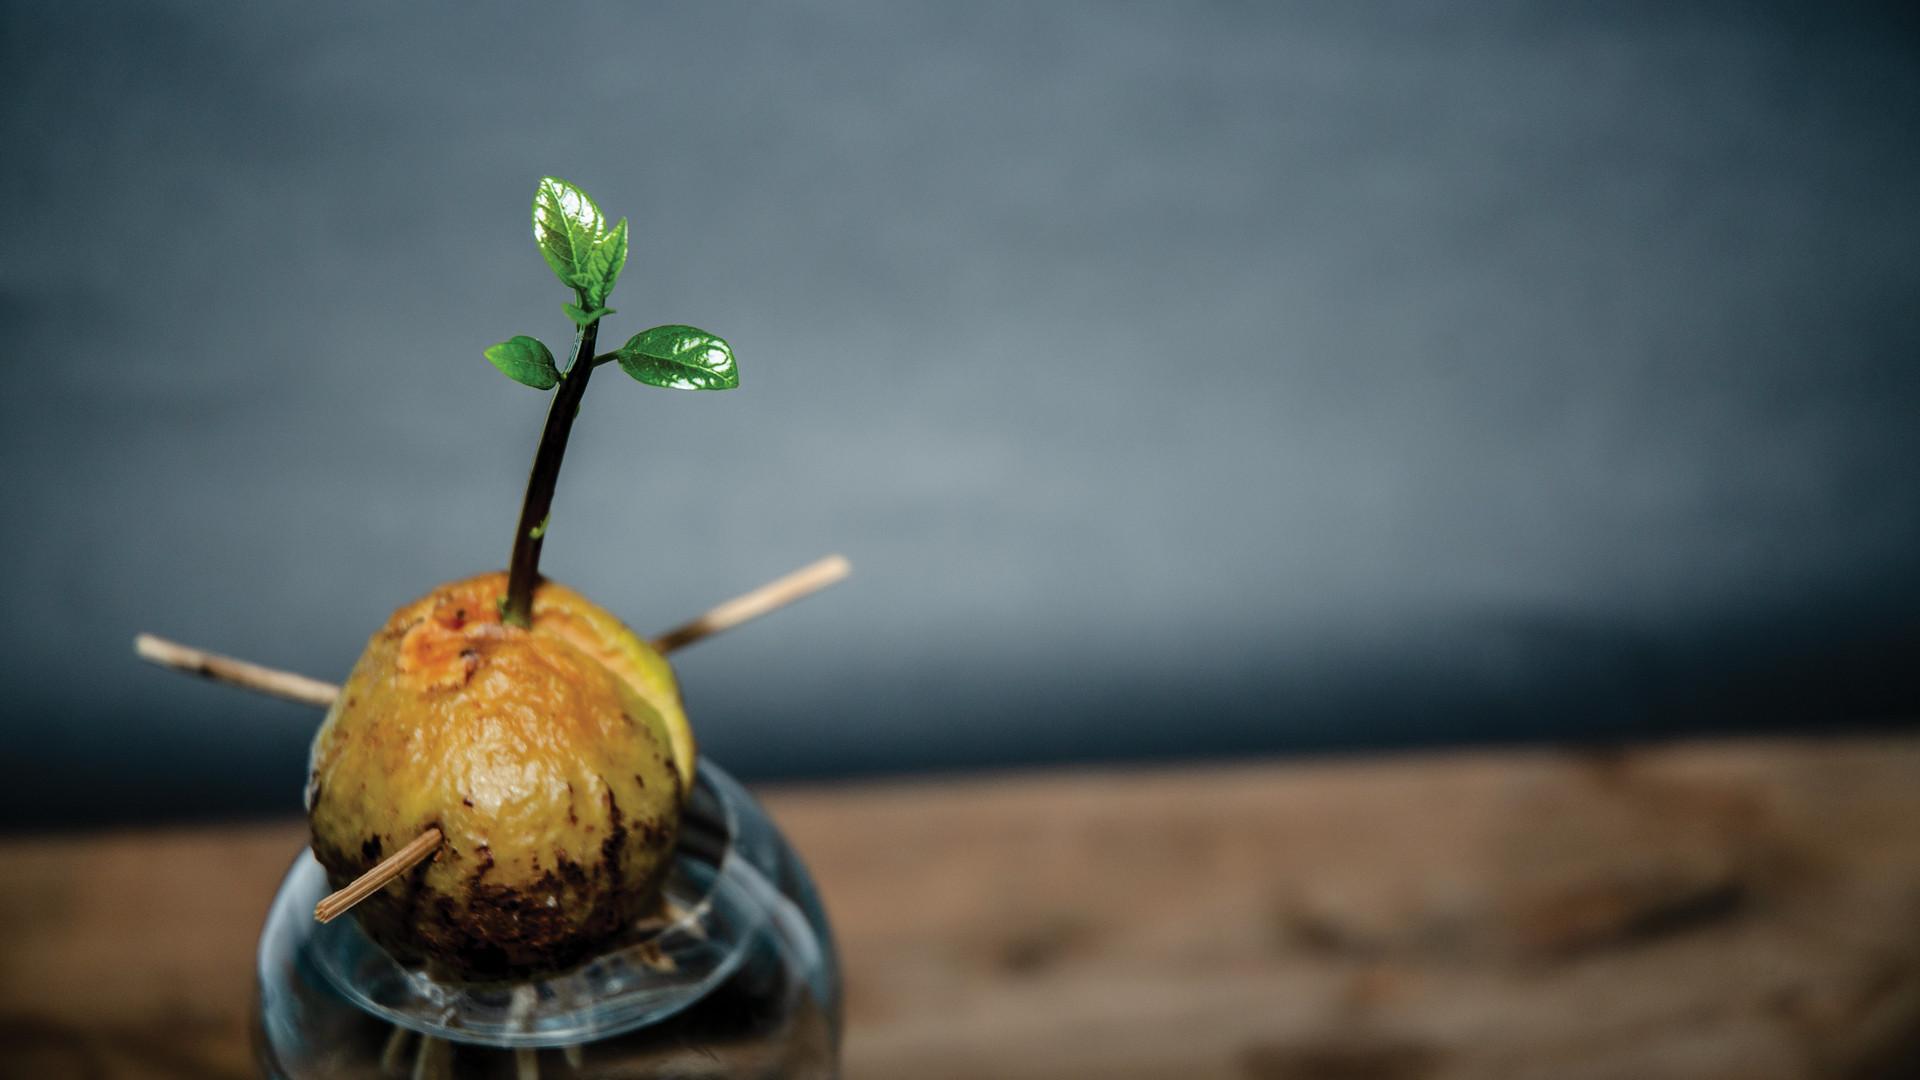 Growing an avocado tree in your indoor garden